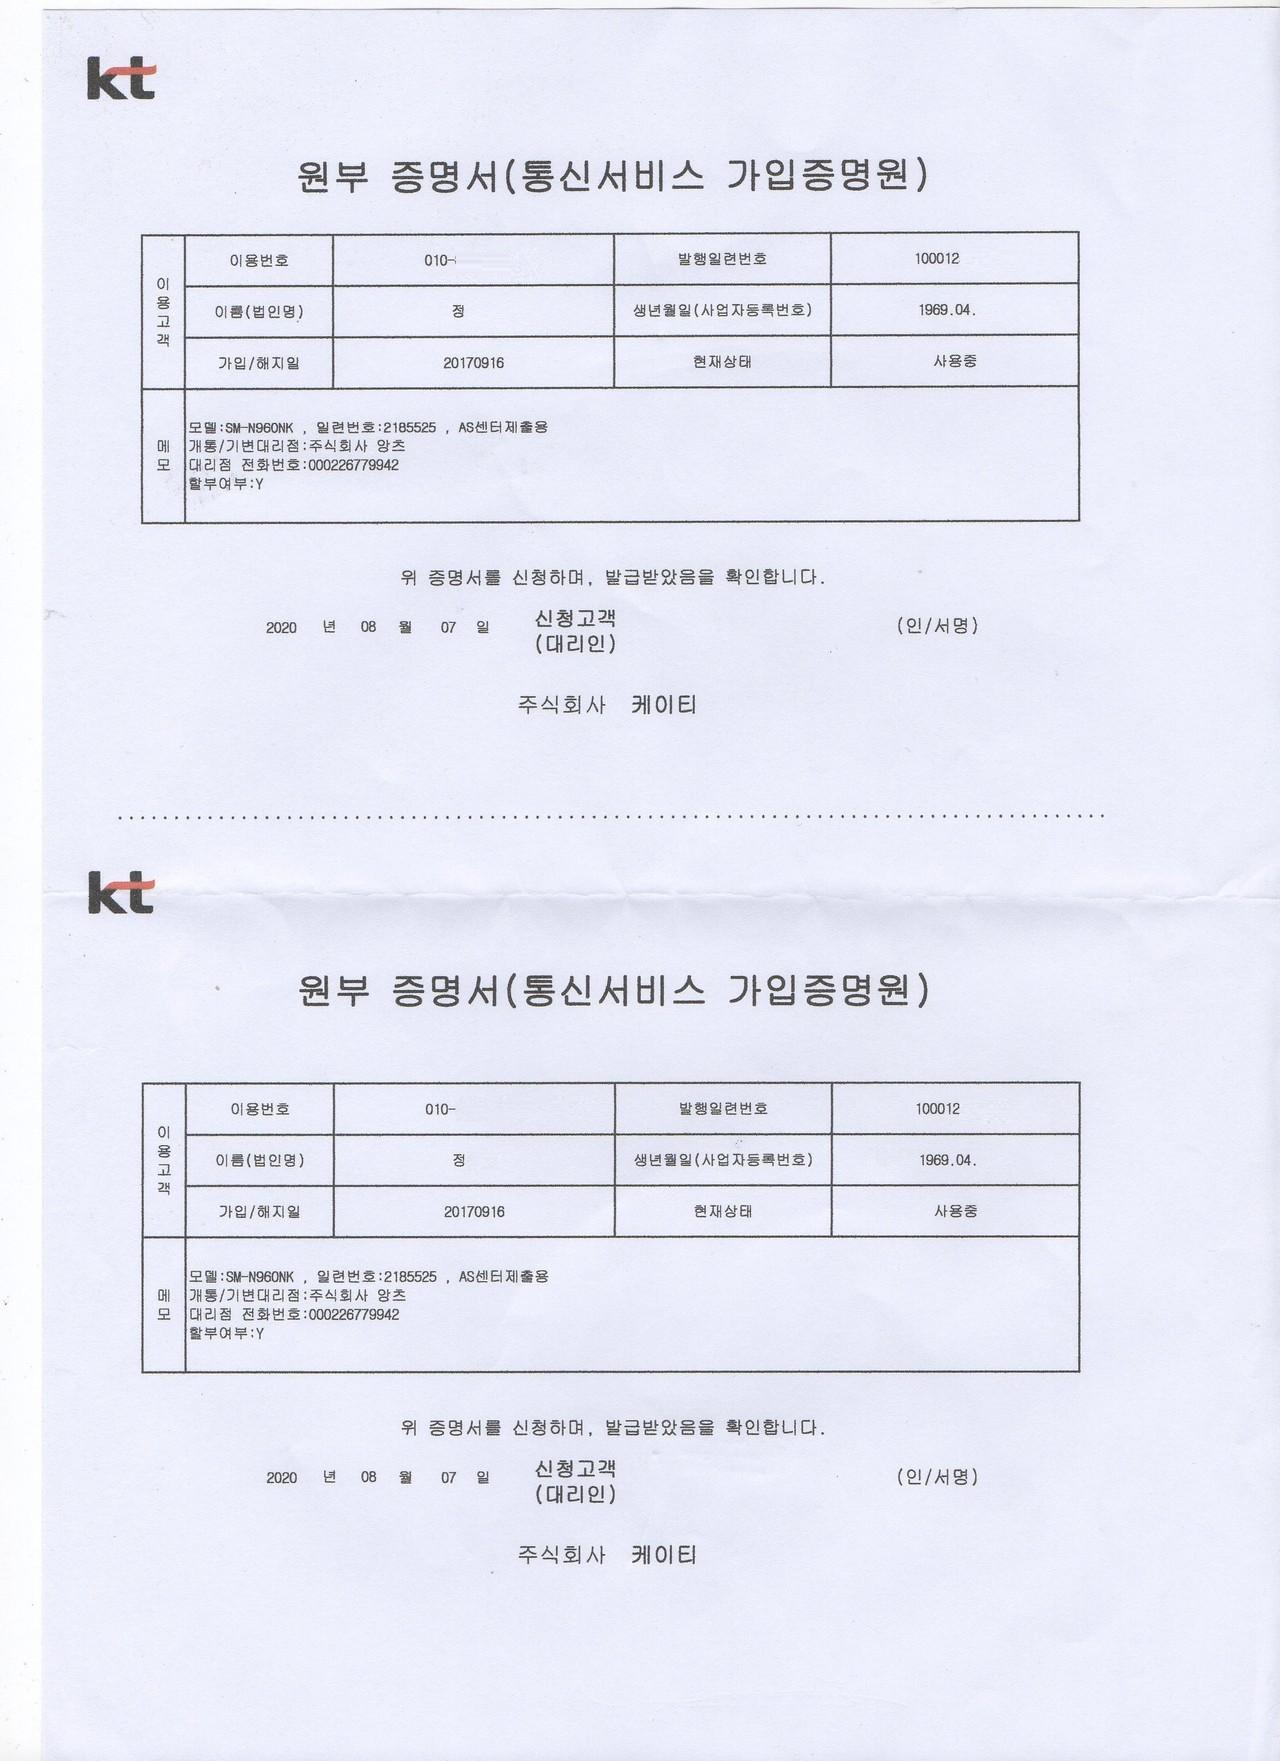 KT 통신사 - 원부 증명서 (통신서비스 가입증명서)